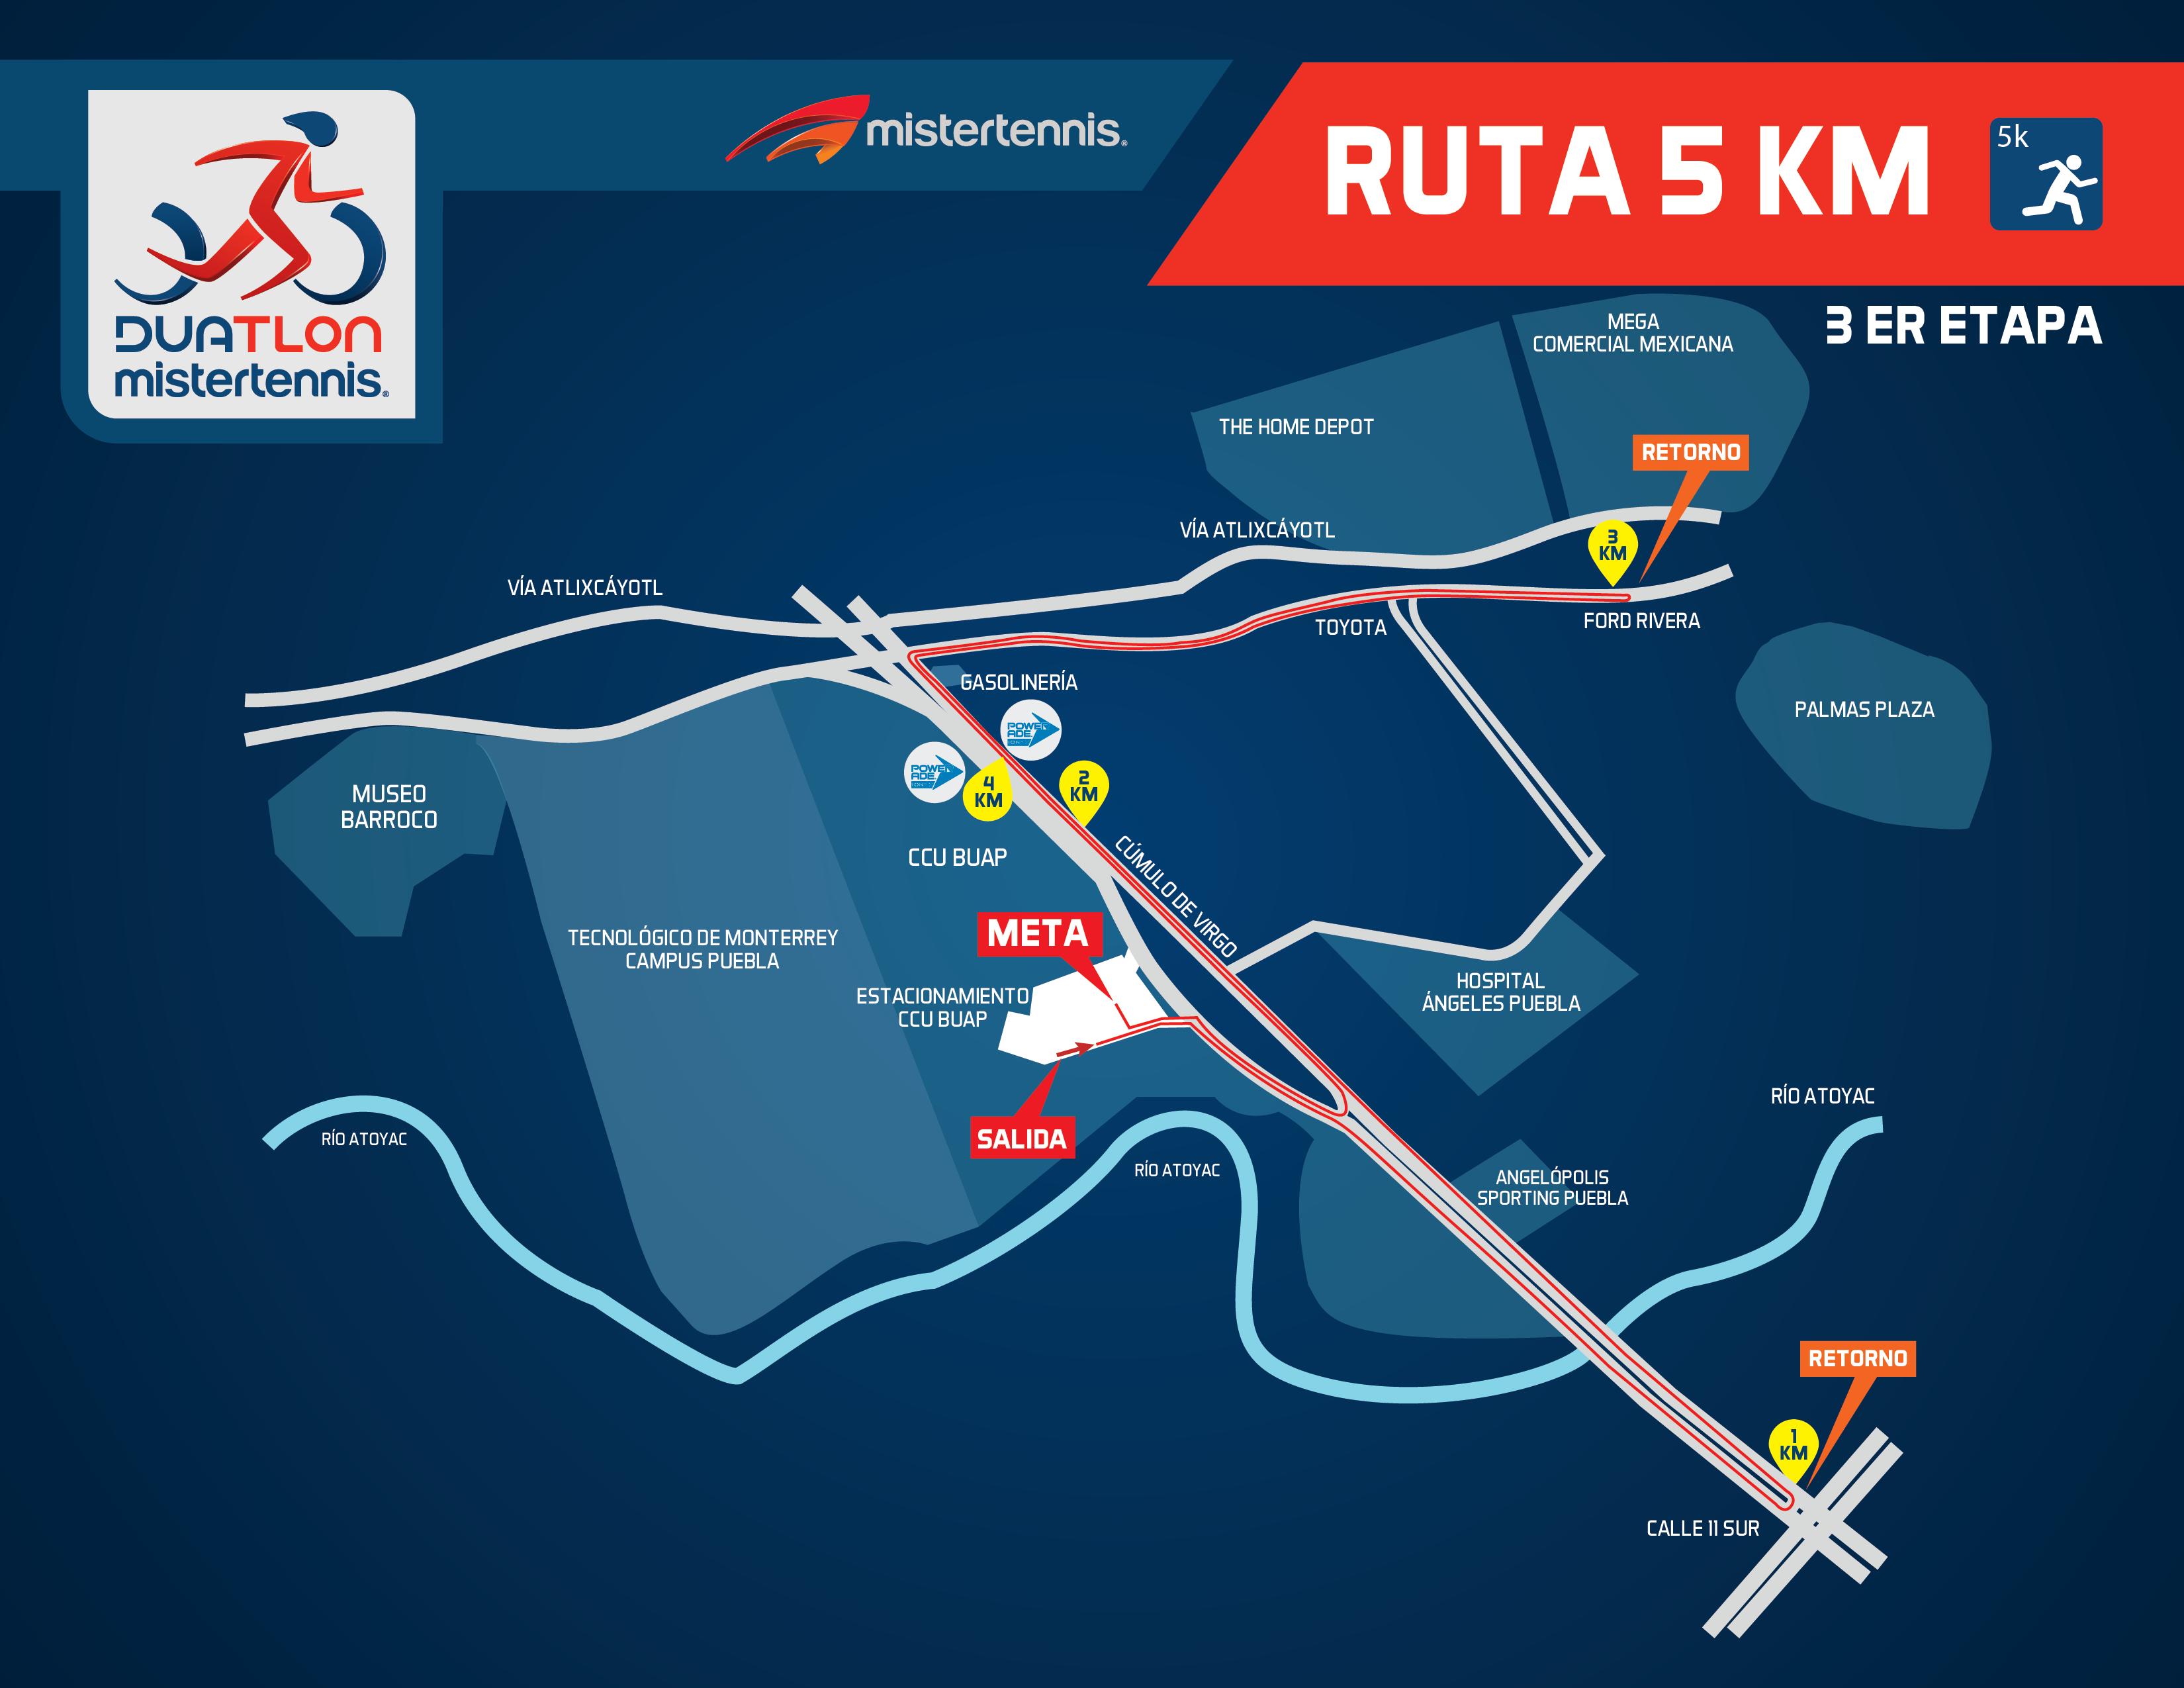 RUTA 5 km 3er etapa-04